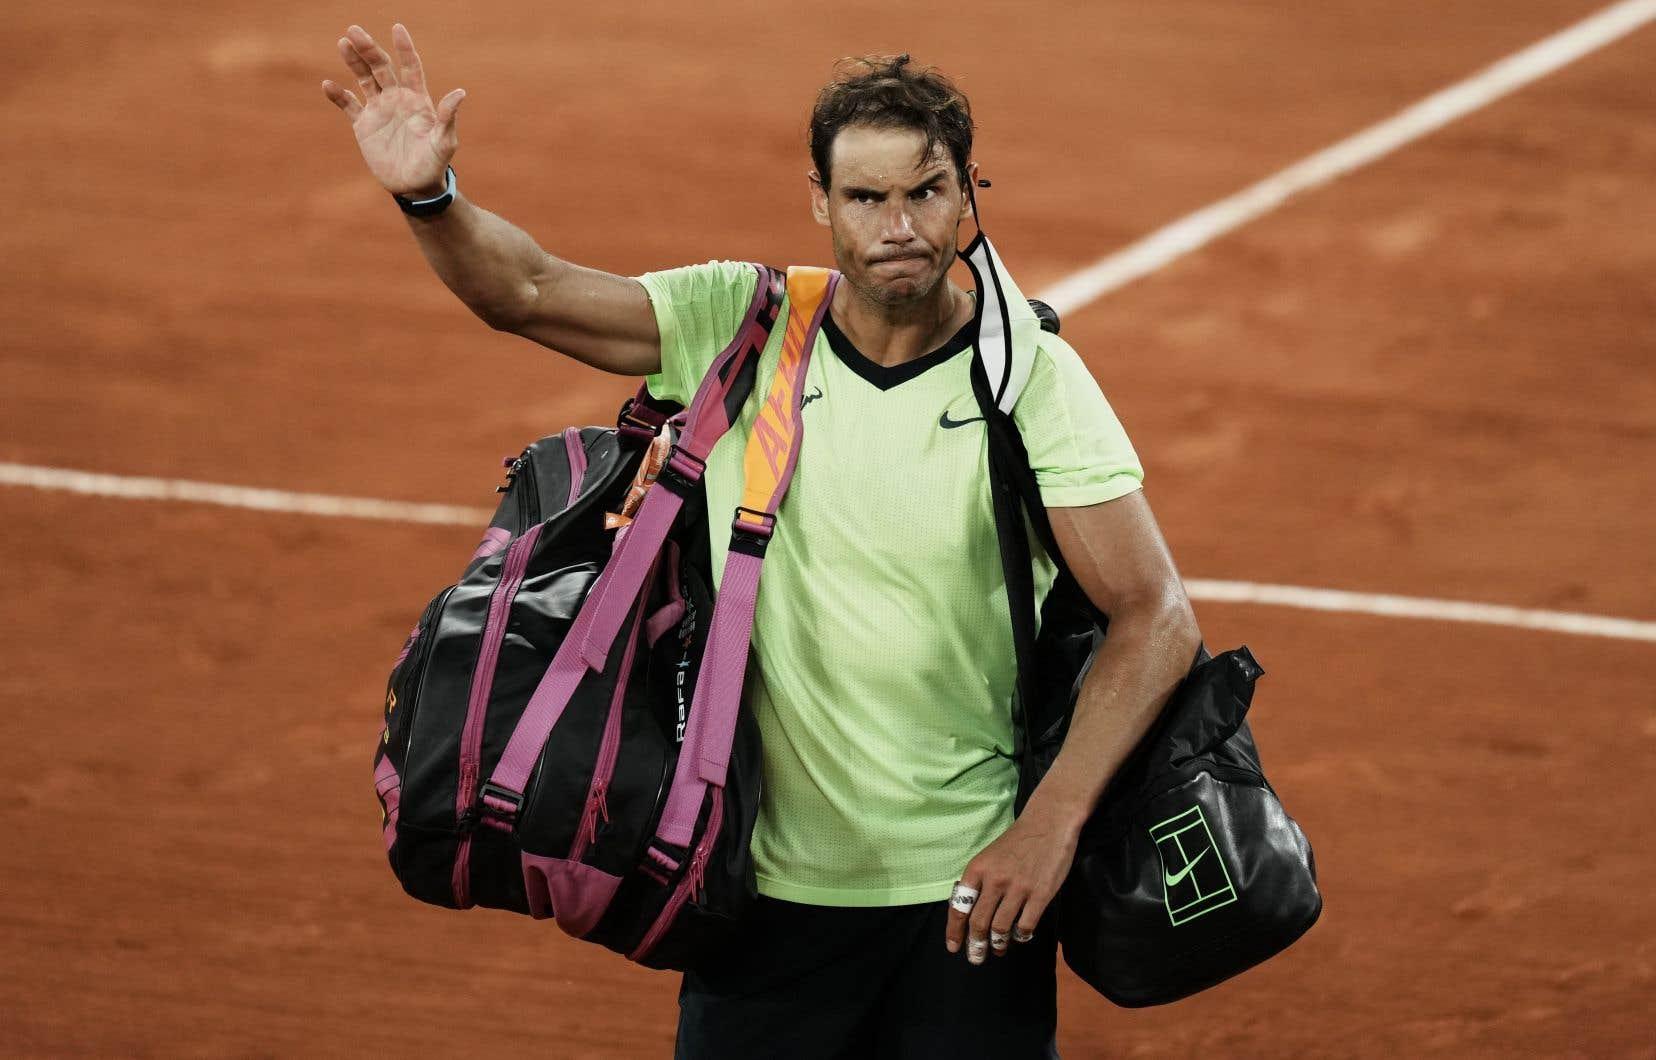 Nadal a remporté 20 titres en Grand Chelem, dont 13, un record, à Roland-Garros.